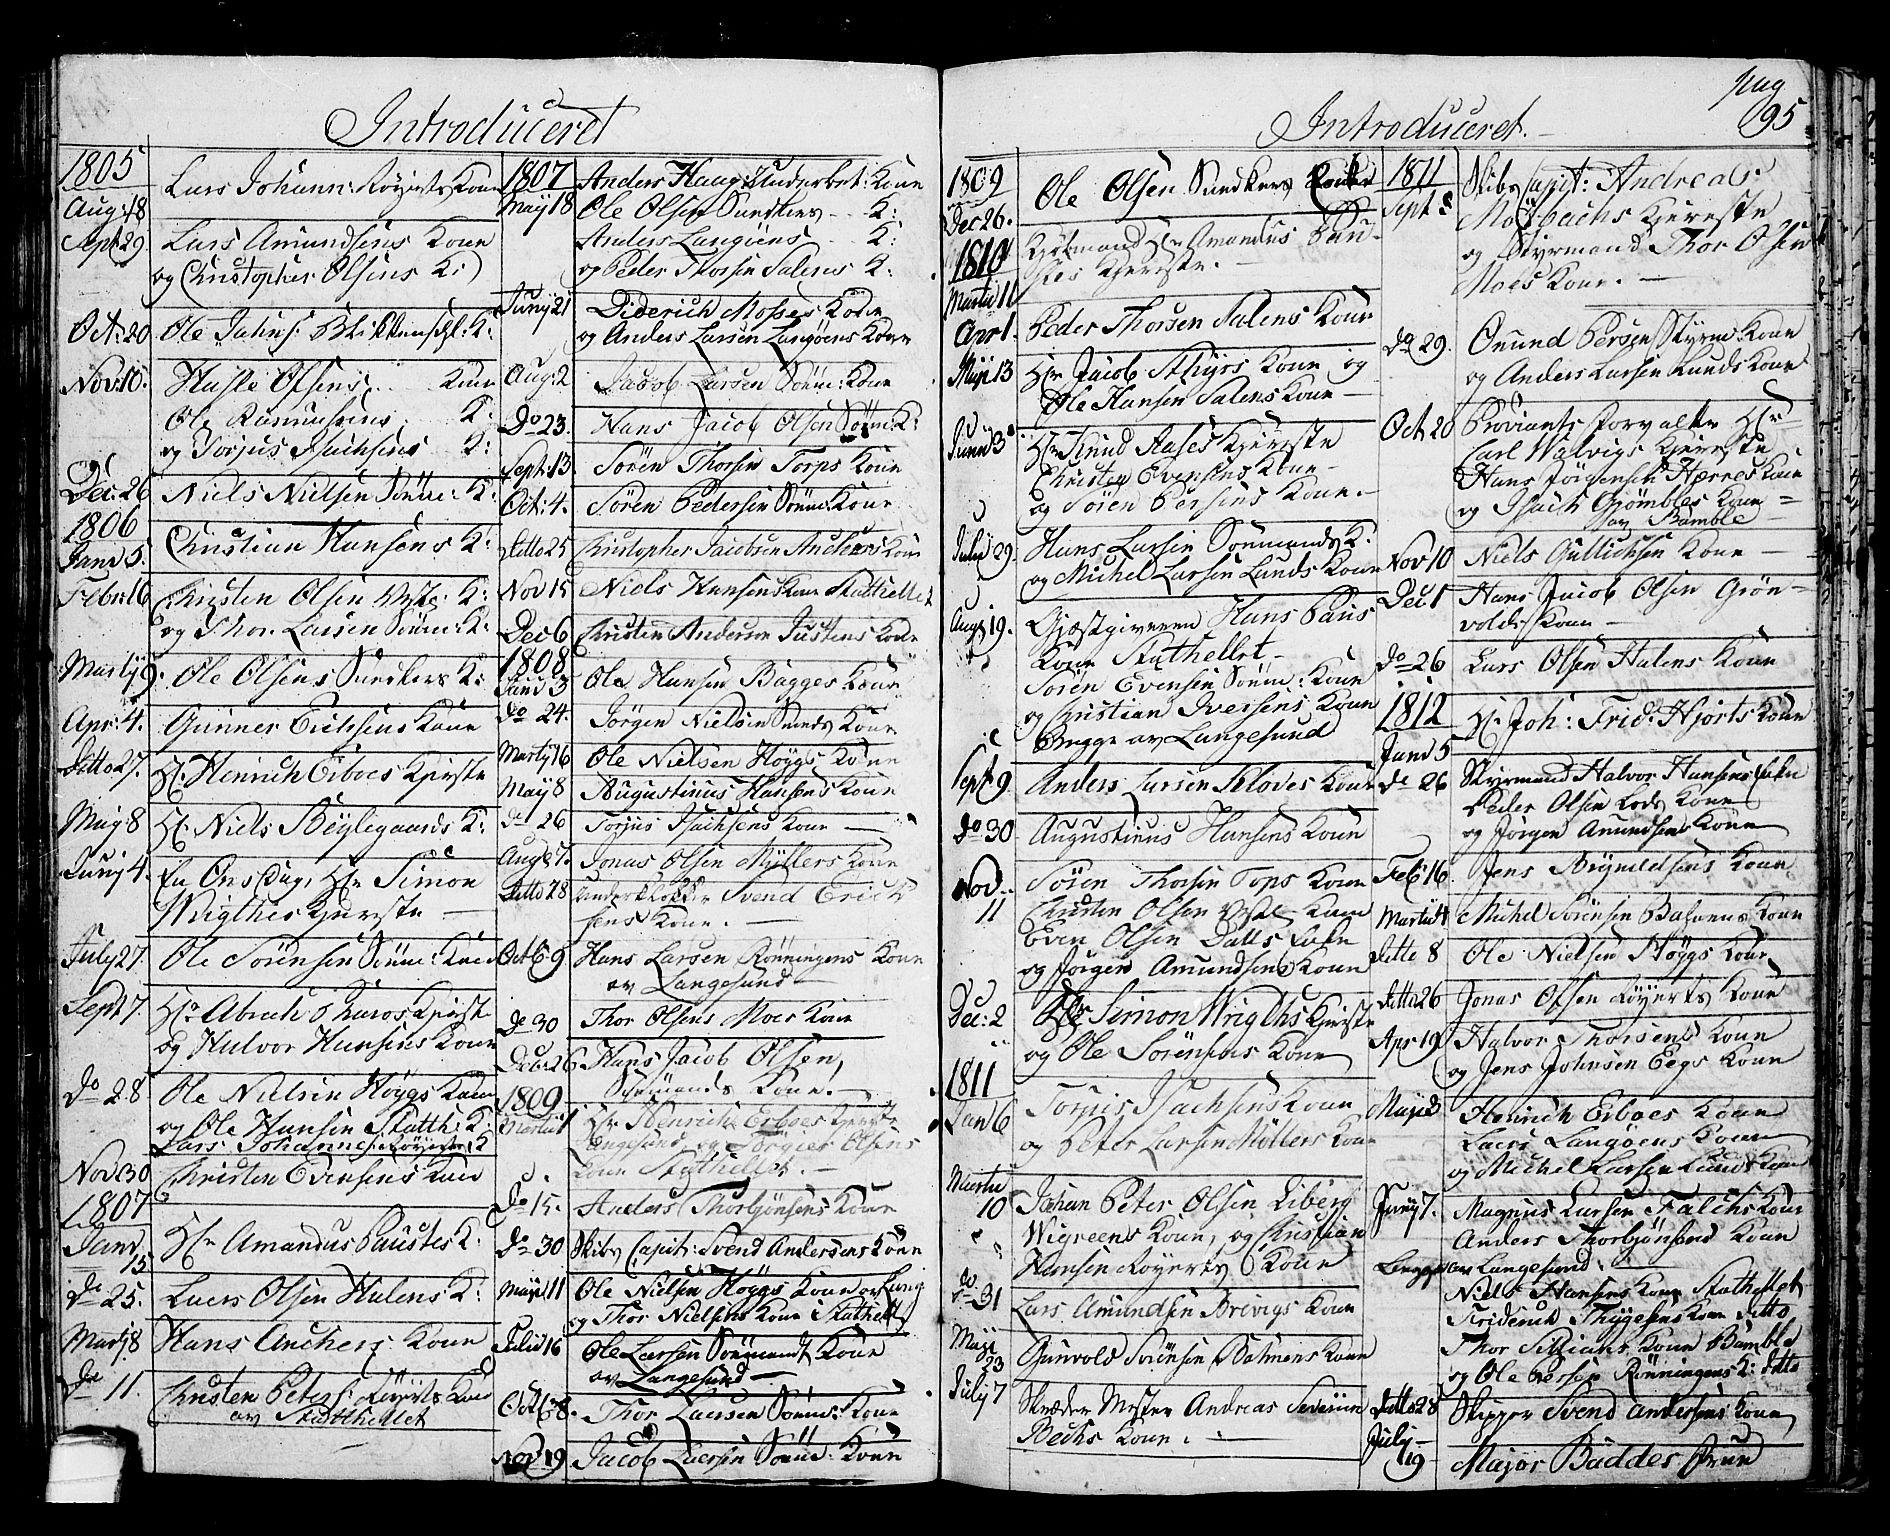 SAKO, Langesund kirkebøker, G/Ga/L0002: Klokkerbok nr. 2, 1801-1815, s. 95